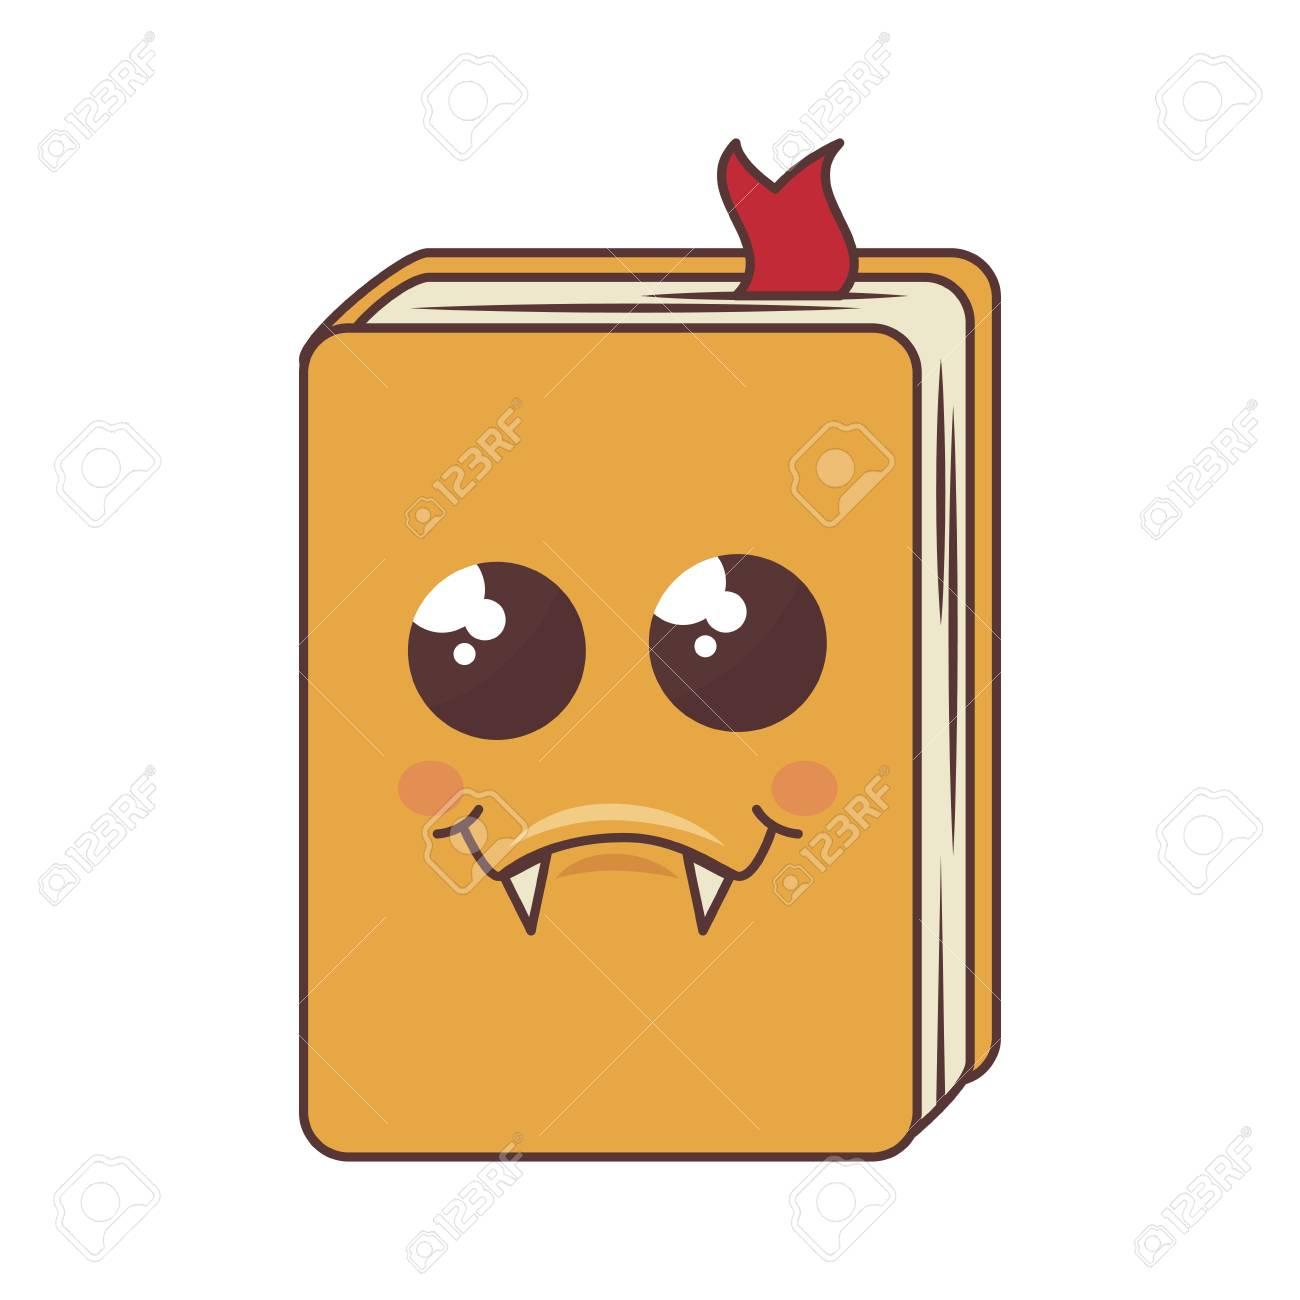 Libro Con Expresión Linda Cara En La Cubierta Amarilla Ilustración